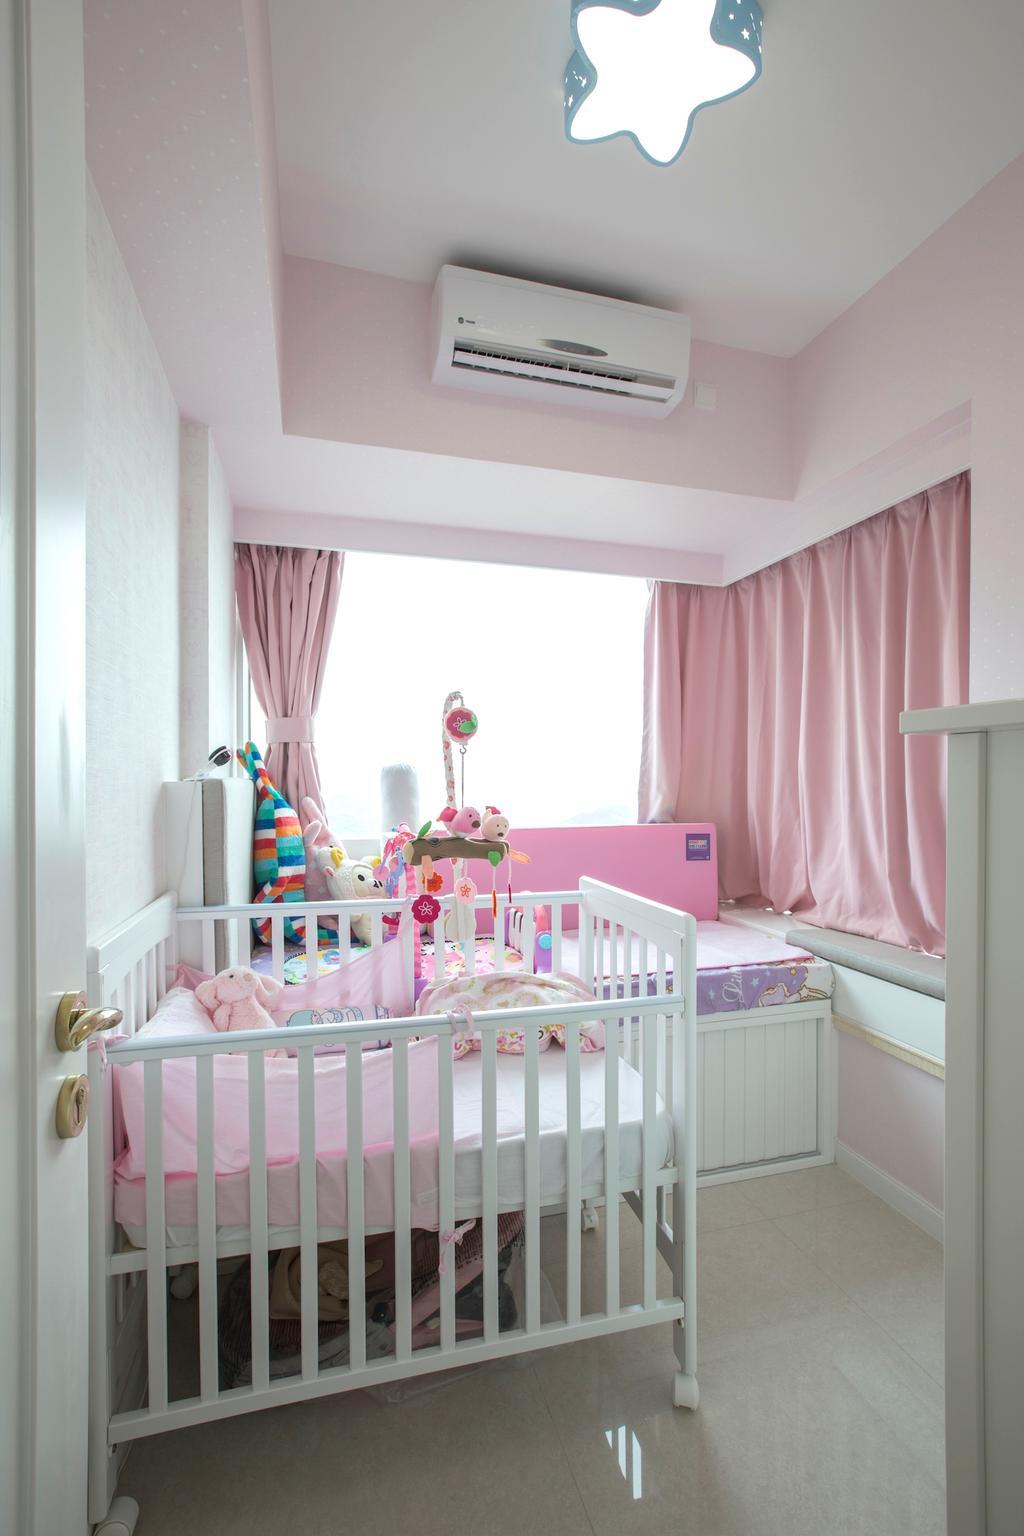 摩登, 私家樓, 睡房, 緻藍天, 室內設計師, am PLUS, Crib, Furniture, Towel